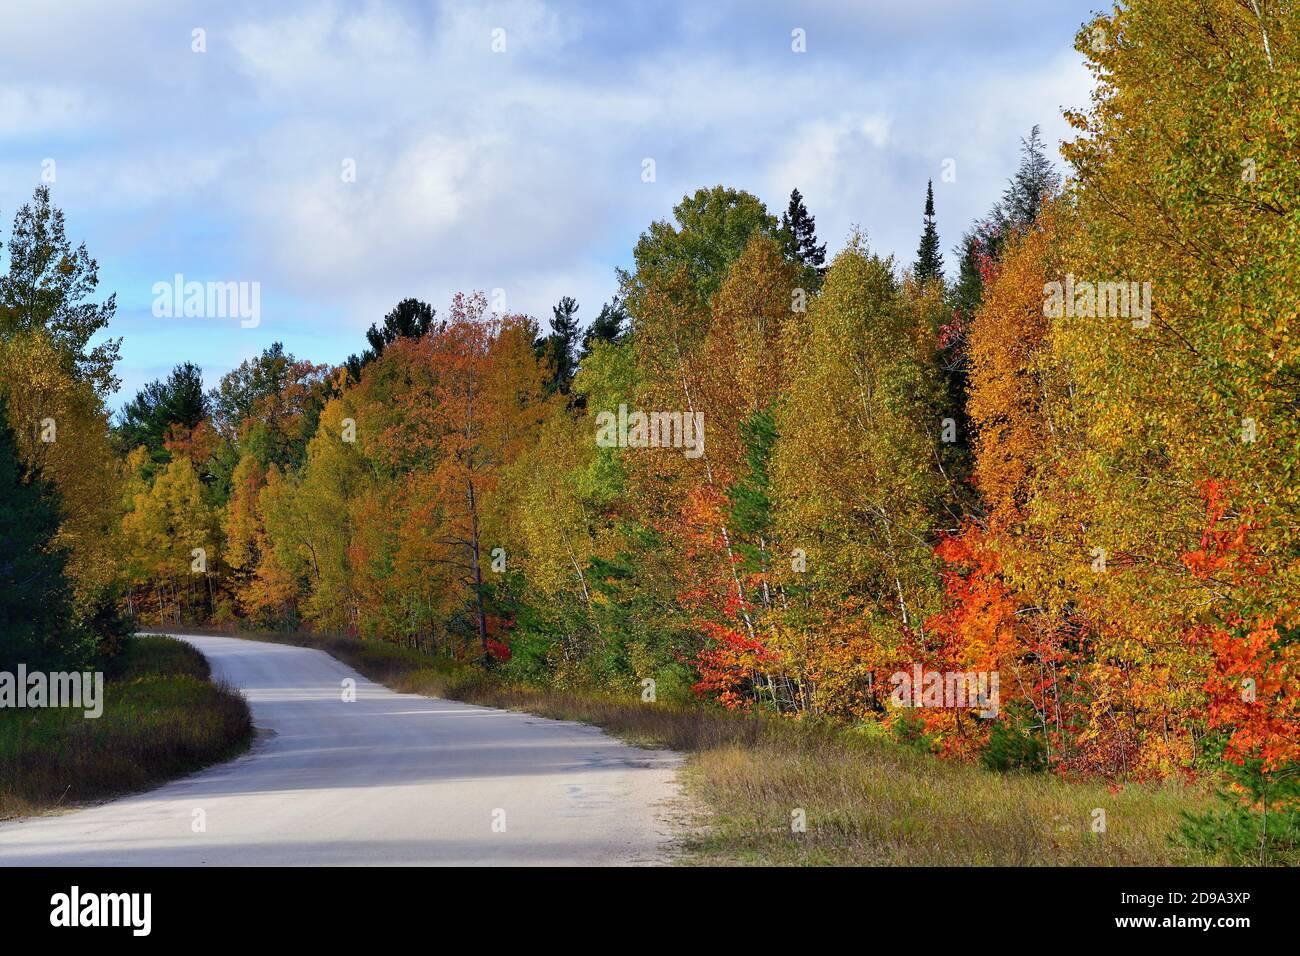 Paraíso, Michigan, Estados Unidos. La caída desciende en un tramo de carretera vacía en la Península Superior de Michigan. Foto de stock